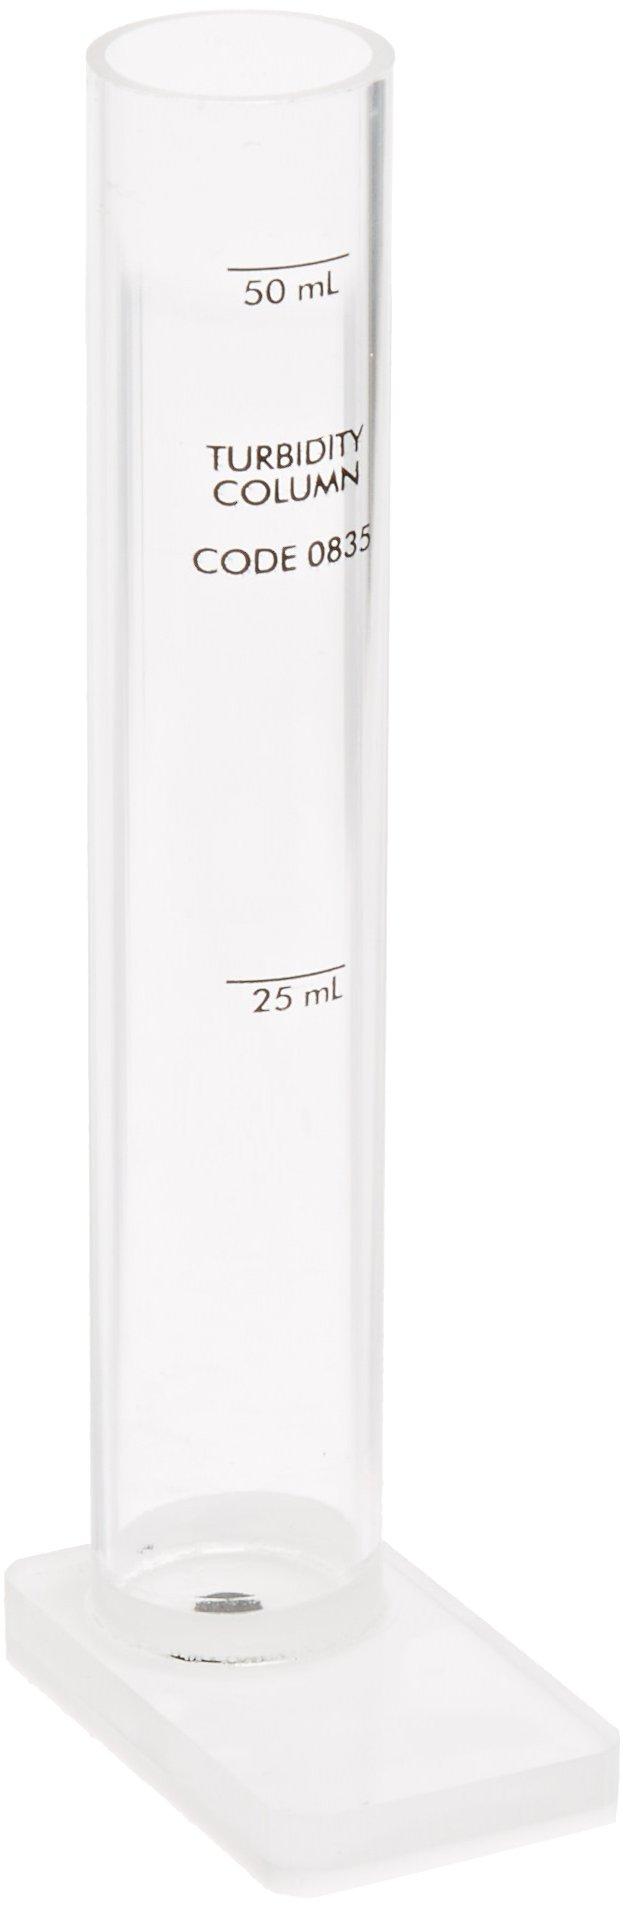 LaMotte 0835 Turbidity Column, Hardware